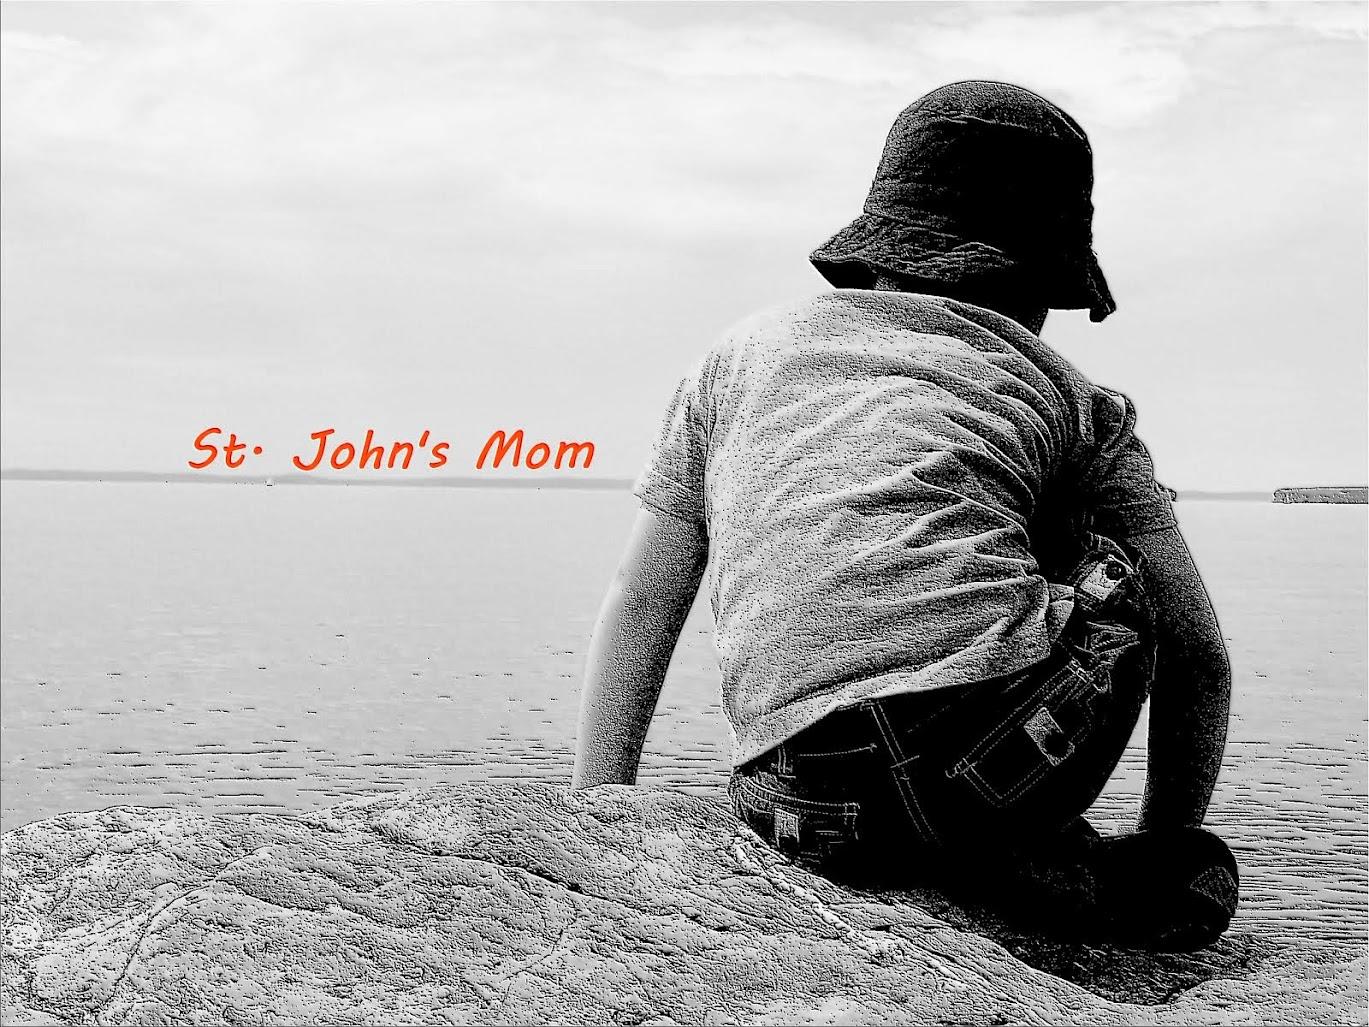 St. John's Mom